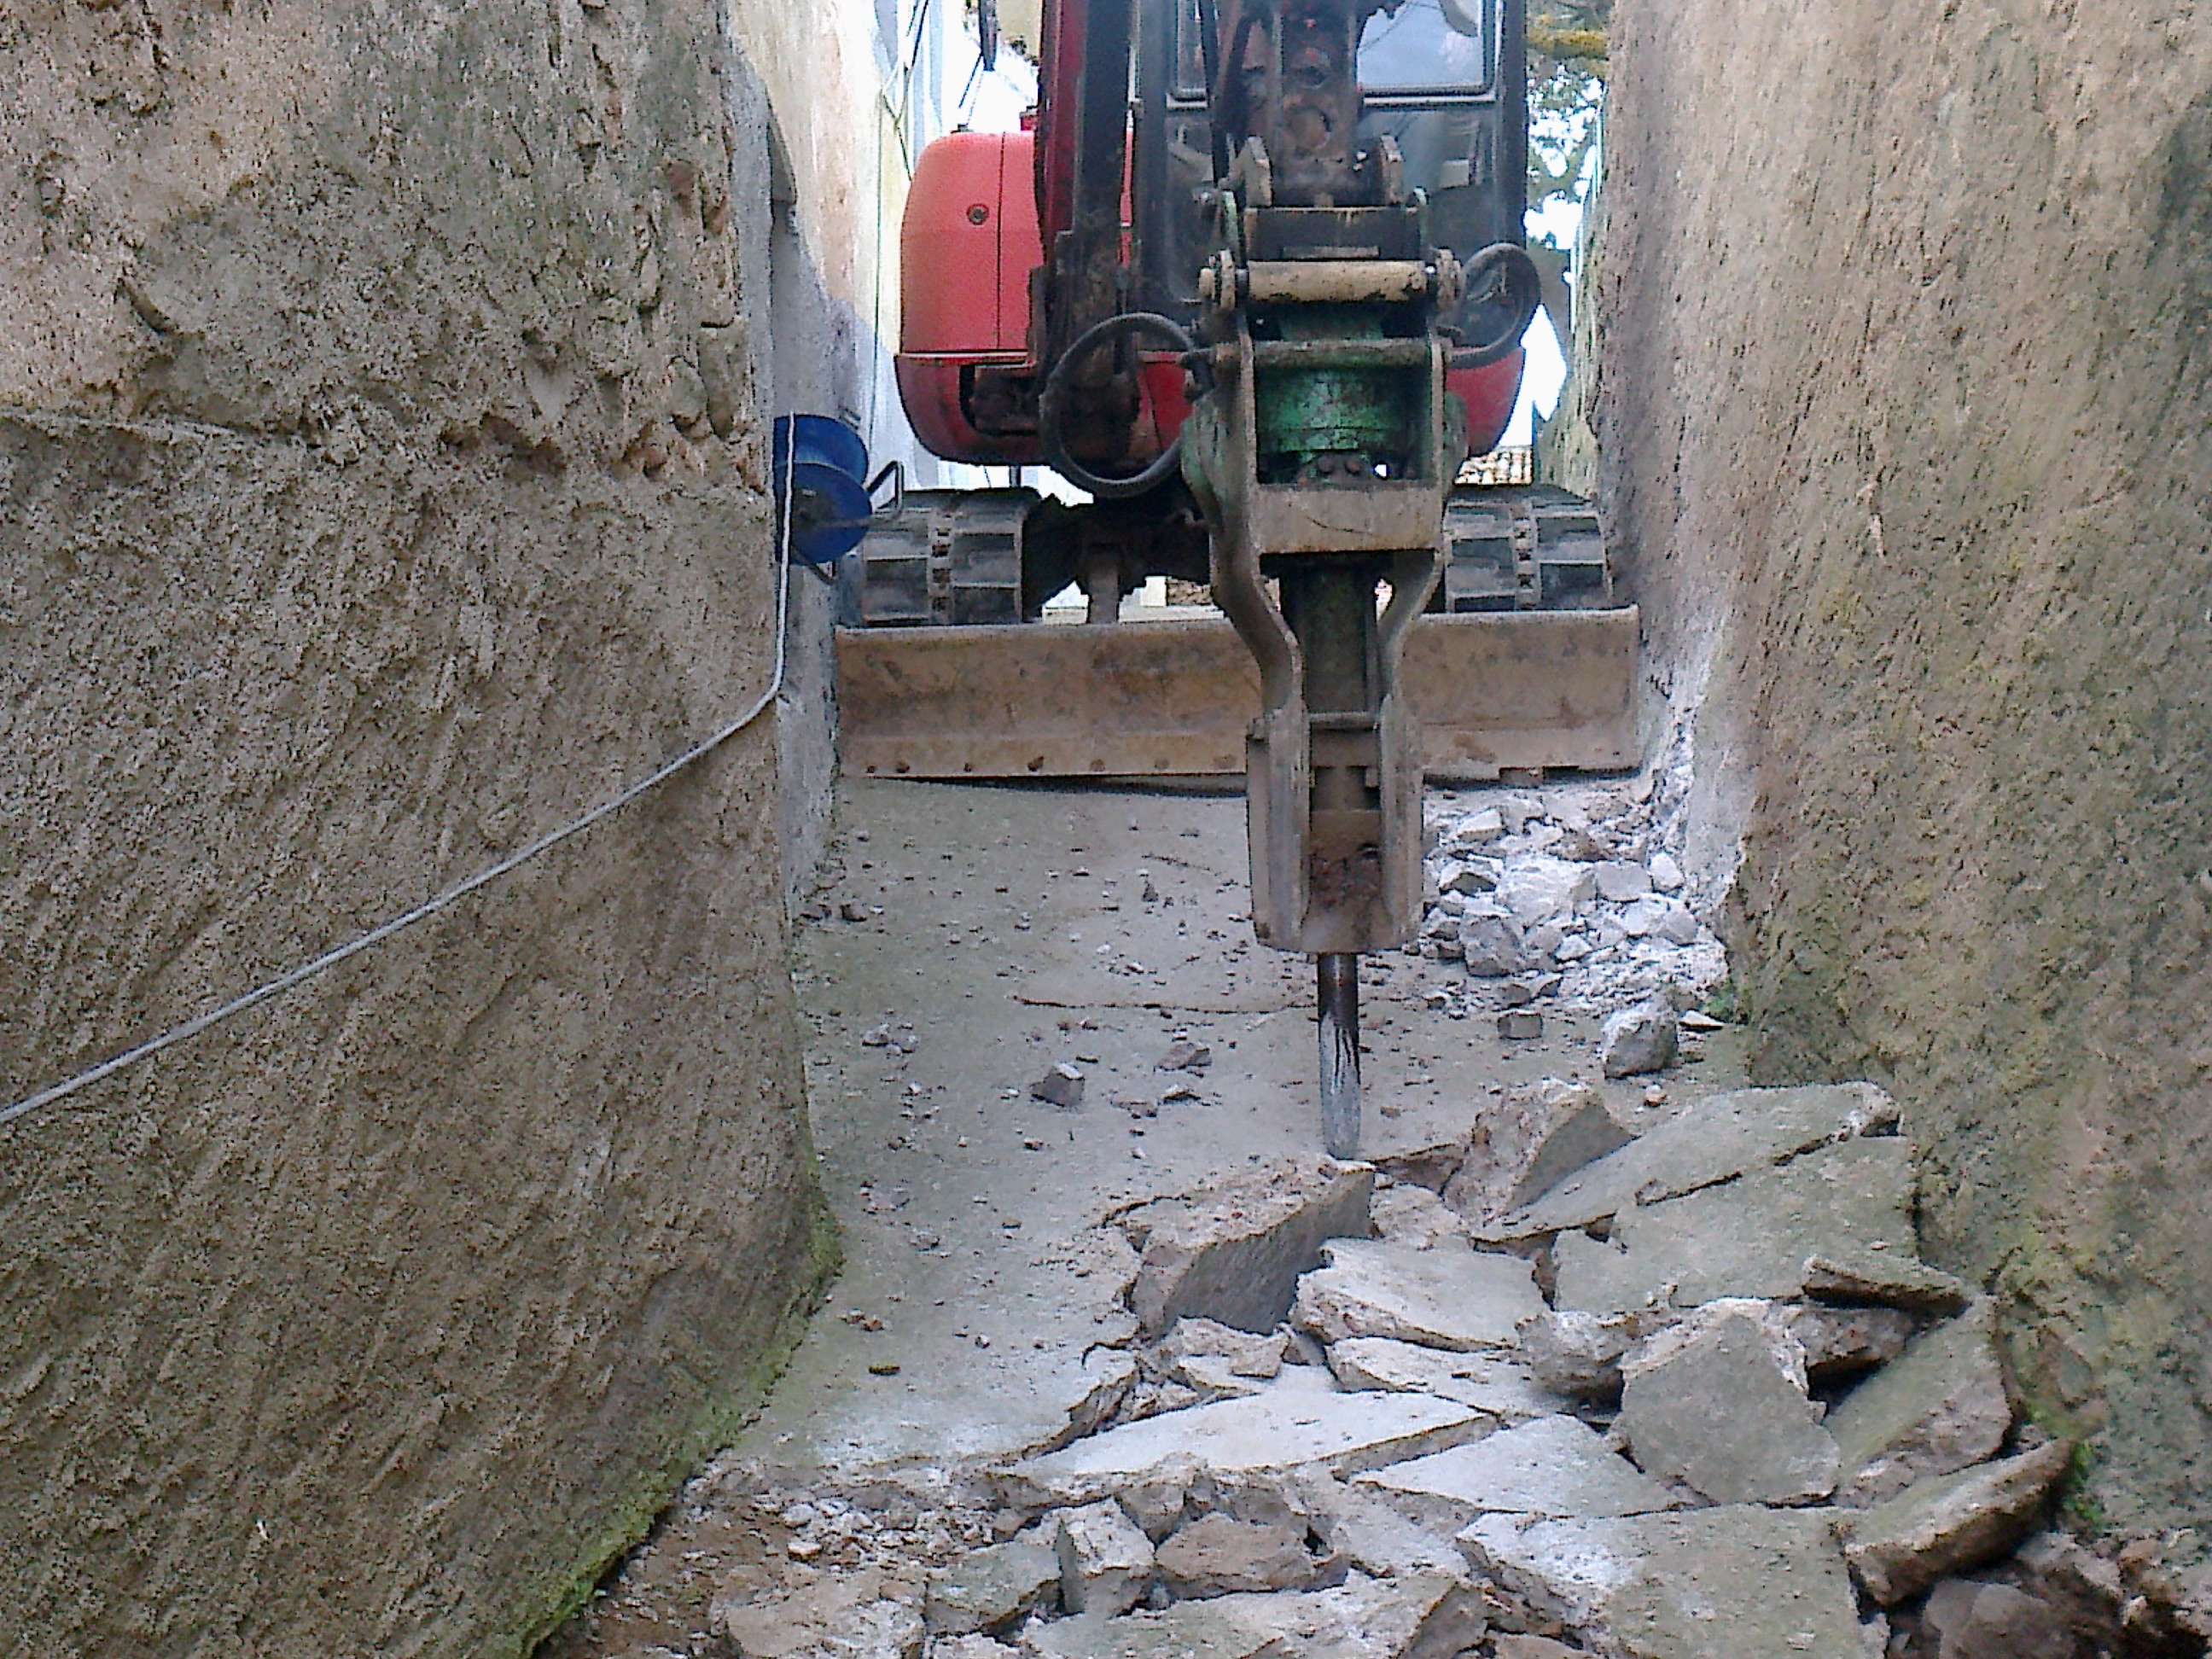 Renovaci n de servicios y pavimentaci n en malanquilla for Saneamientos zaragoza